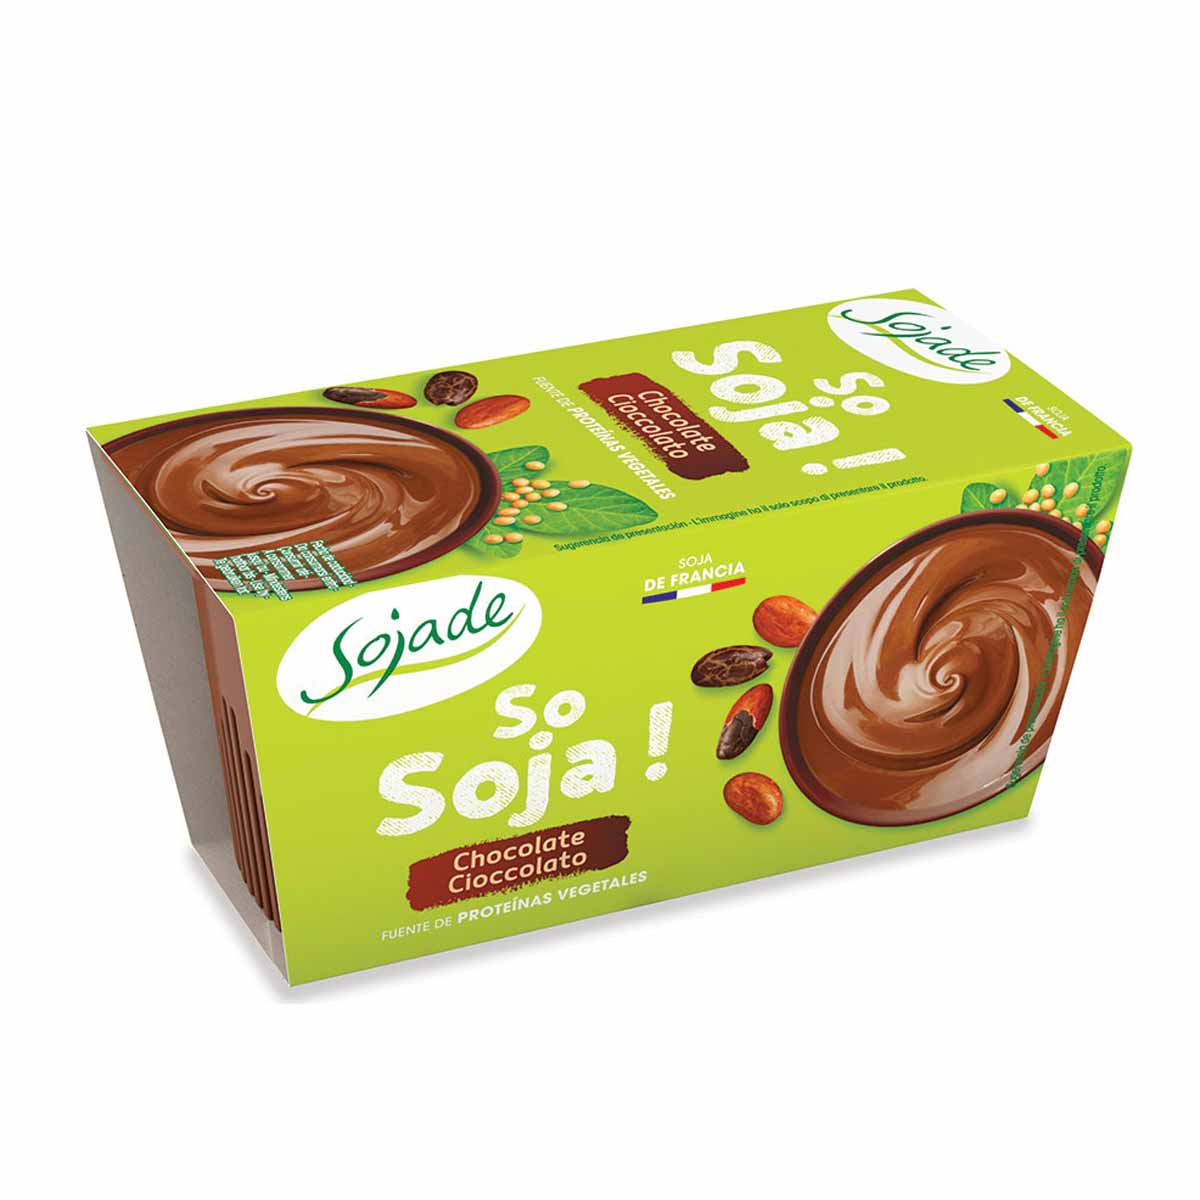 Sojade Budino di soia al cioccolato